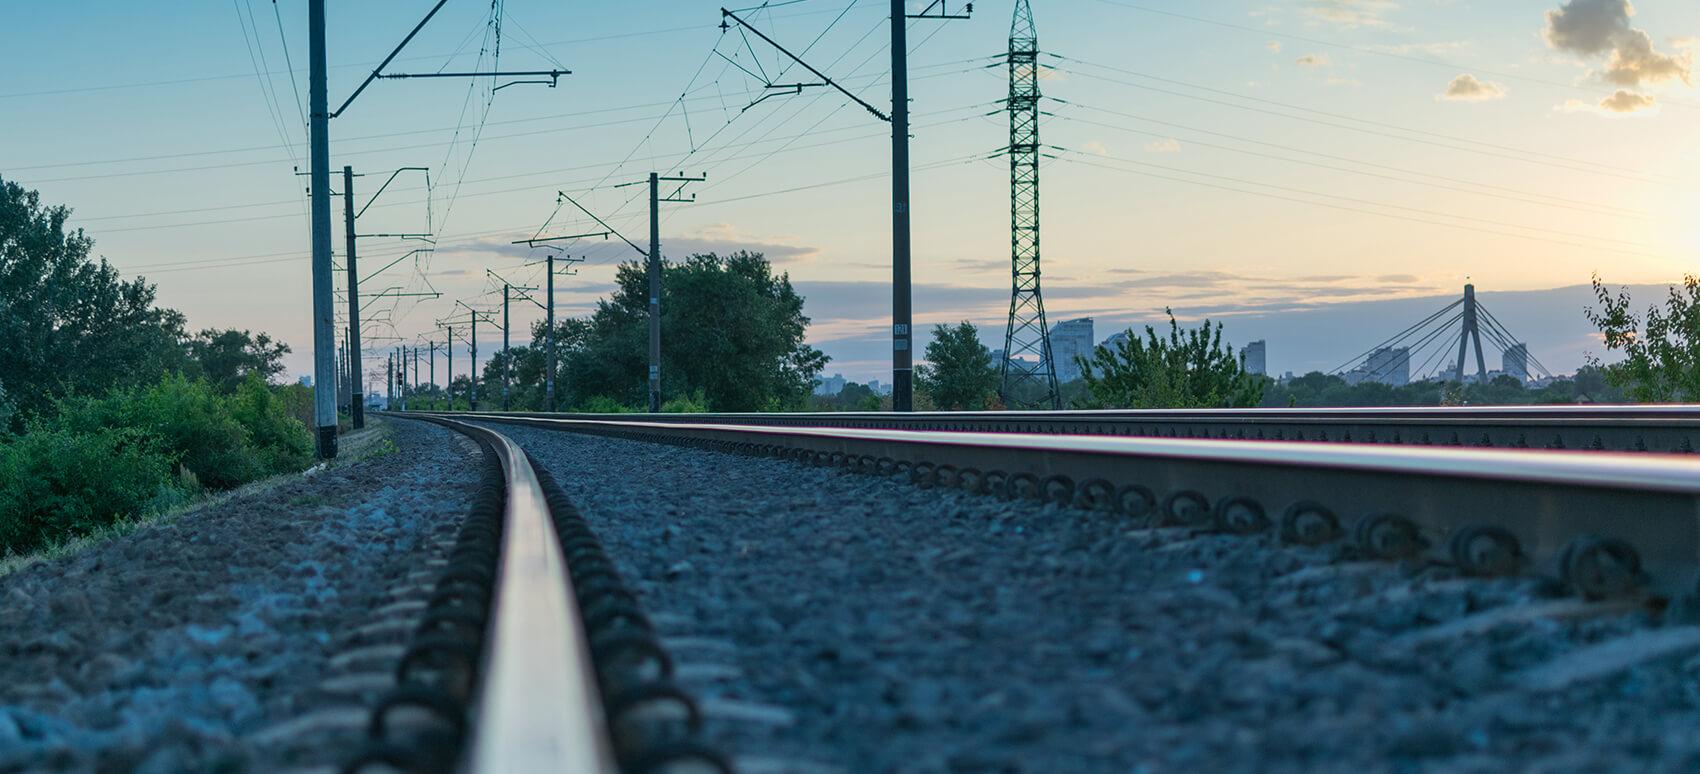 Grønt alternativ til vejtransport mellem Danmark og Sverige